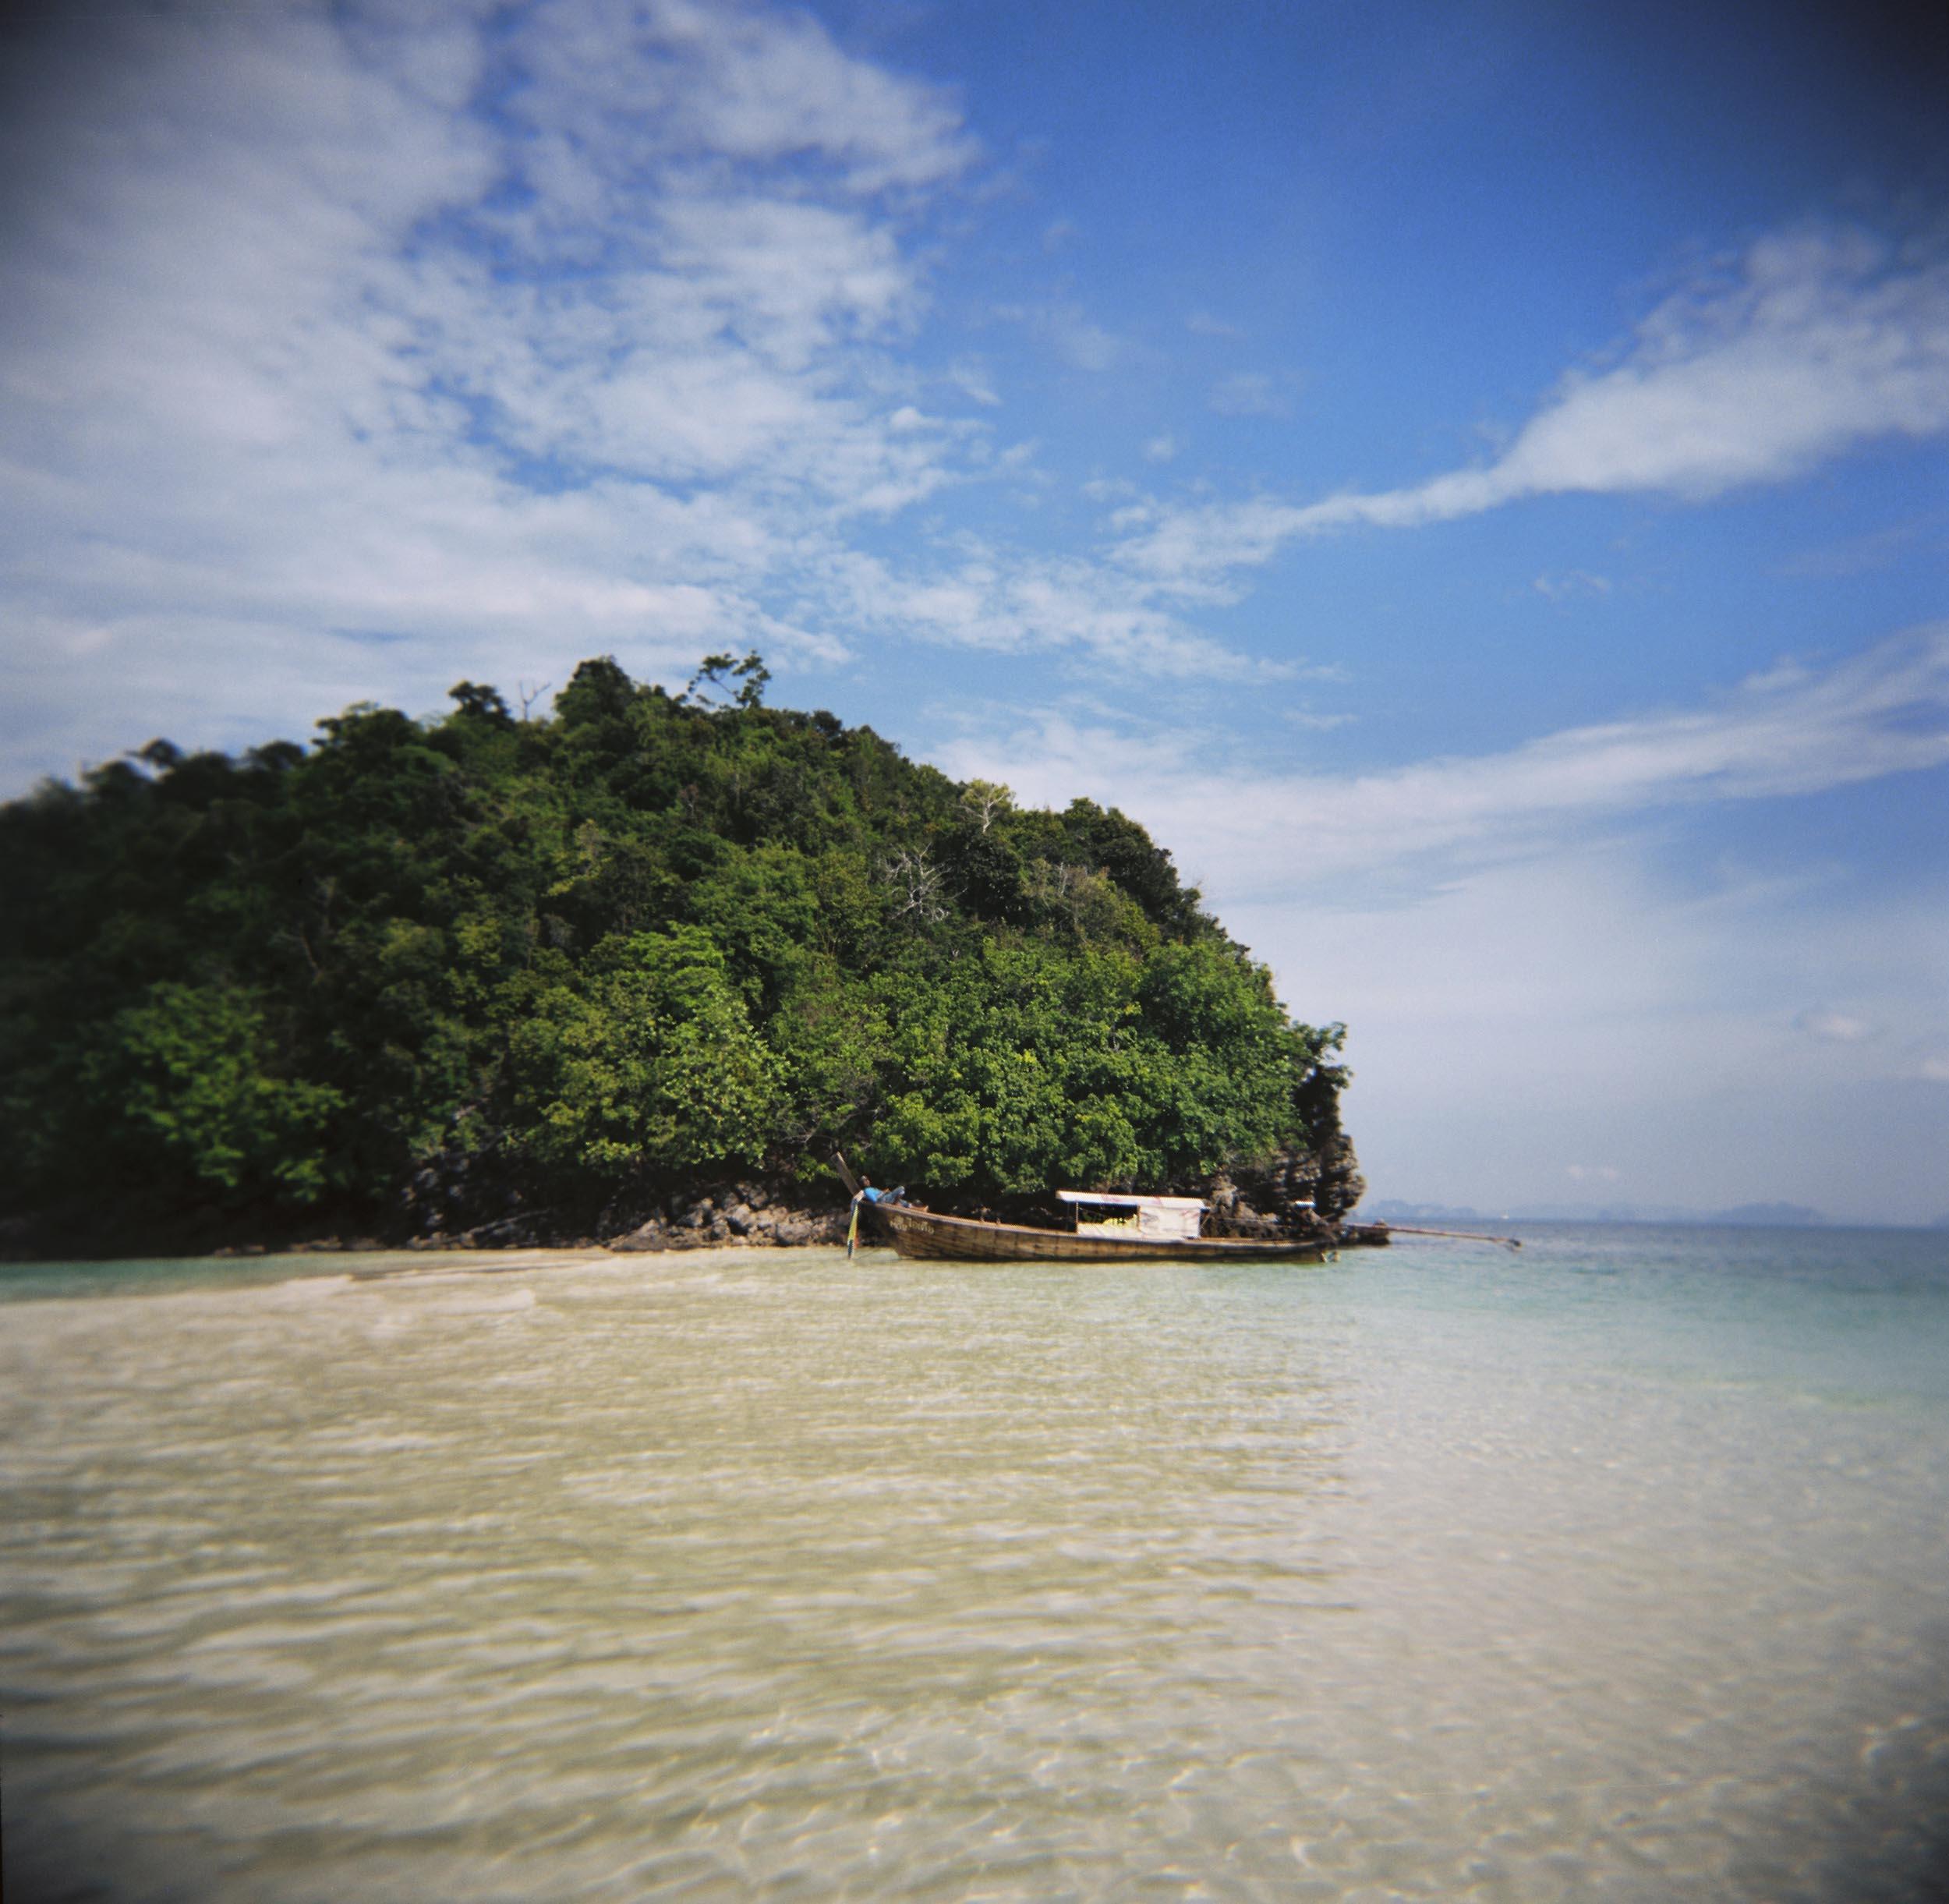 VolaVisuals Krabi Thailand - 017.jpg